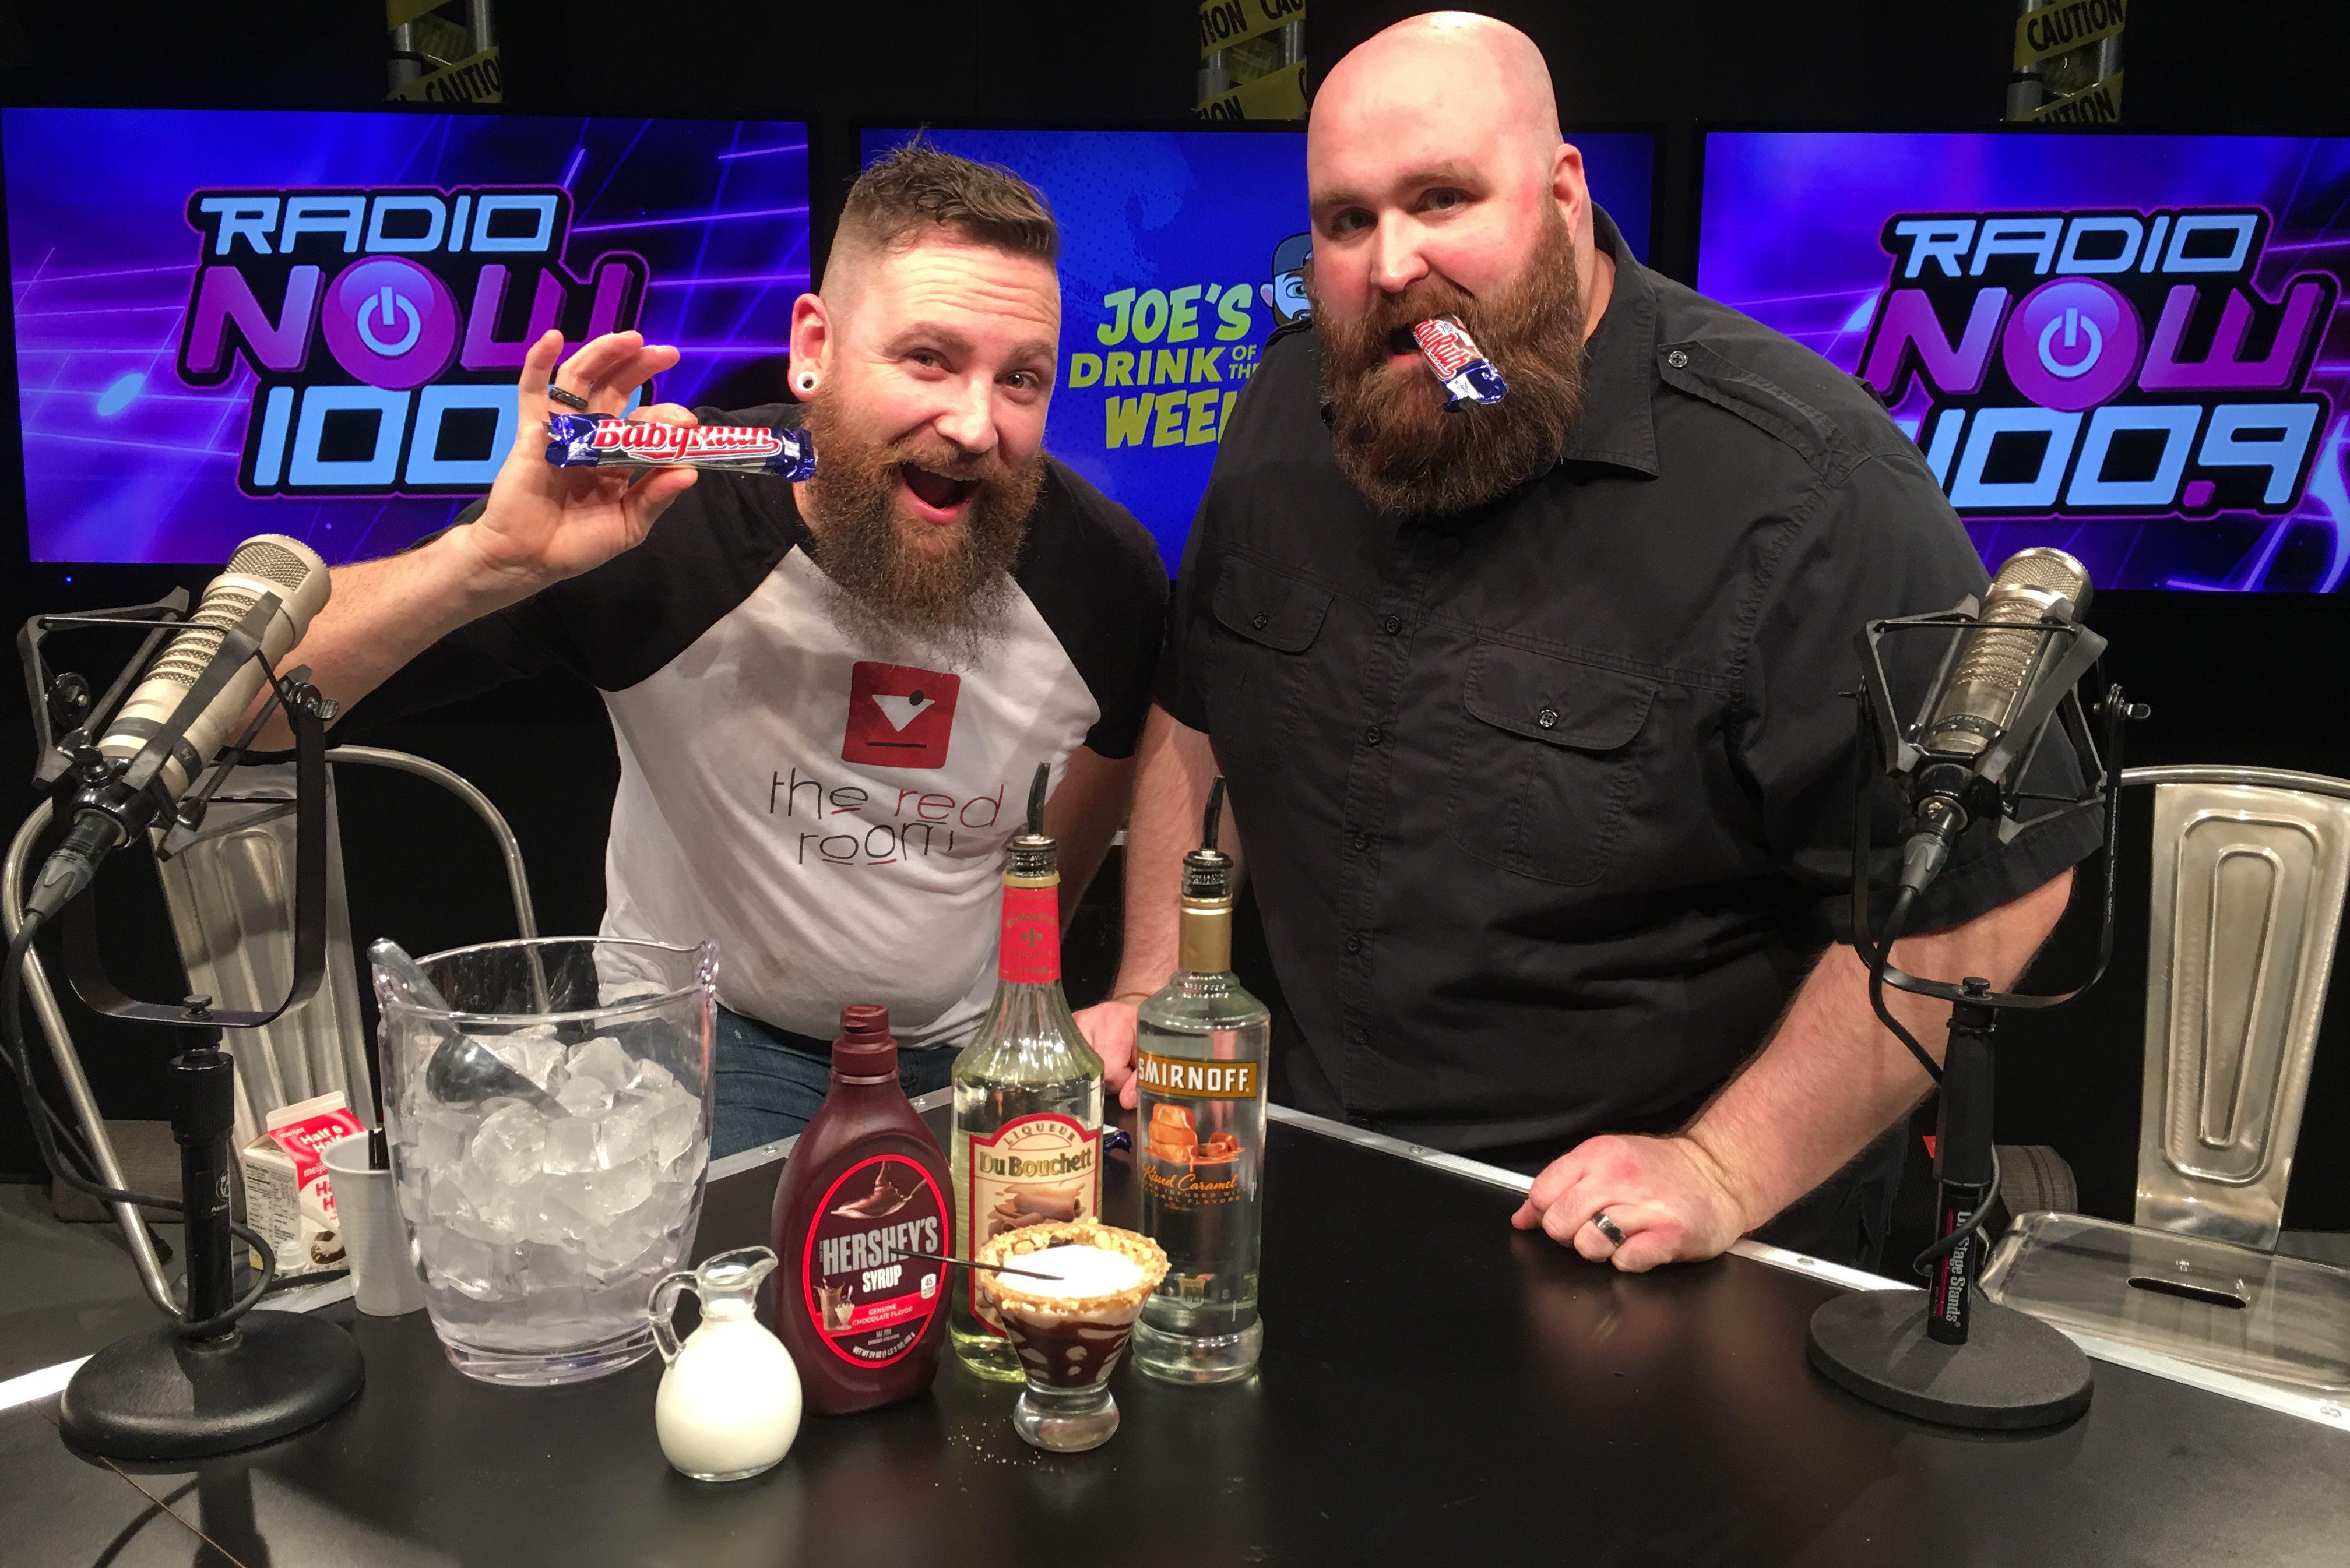 Joe's Drink of the Week: Baby Ruth